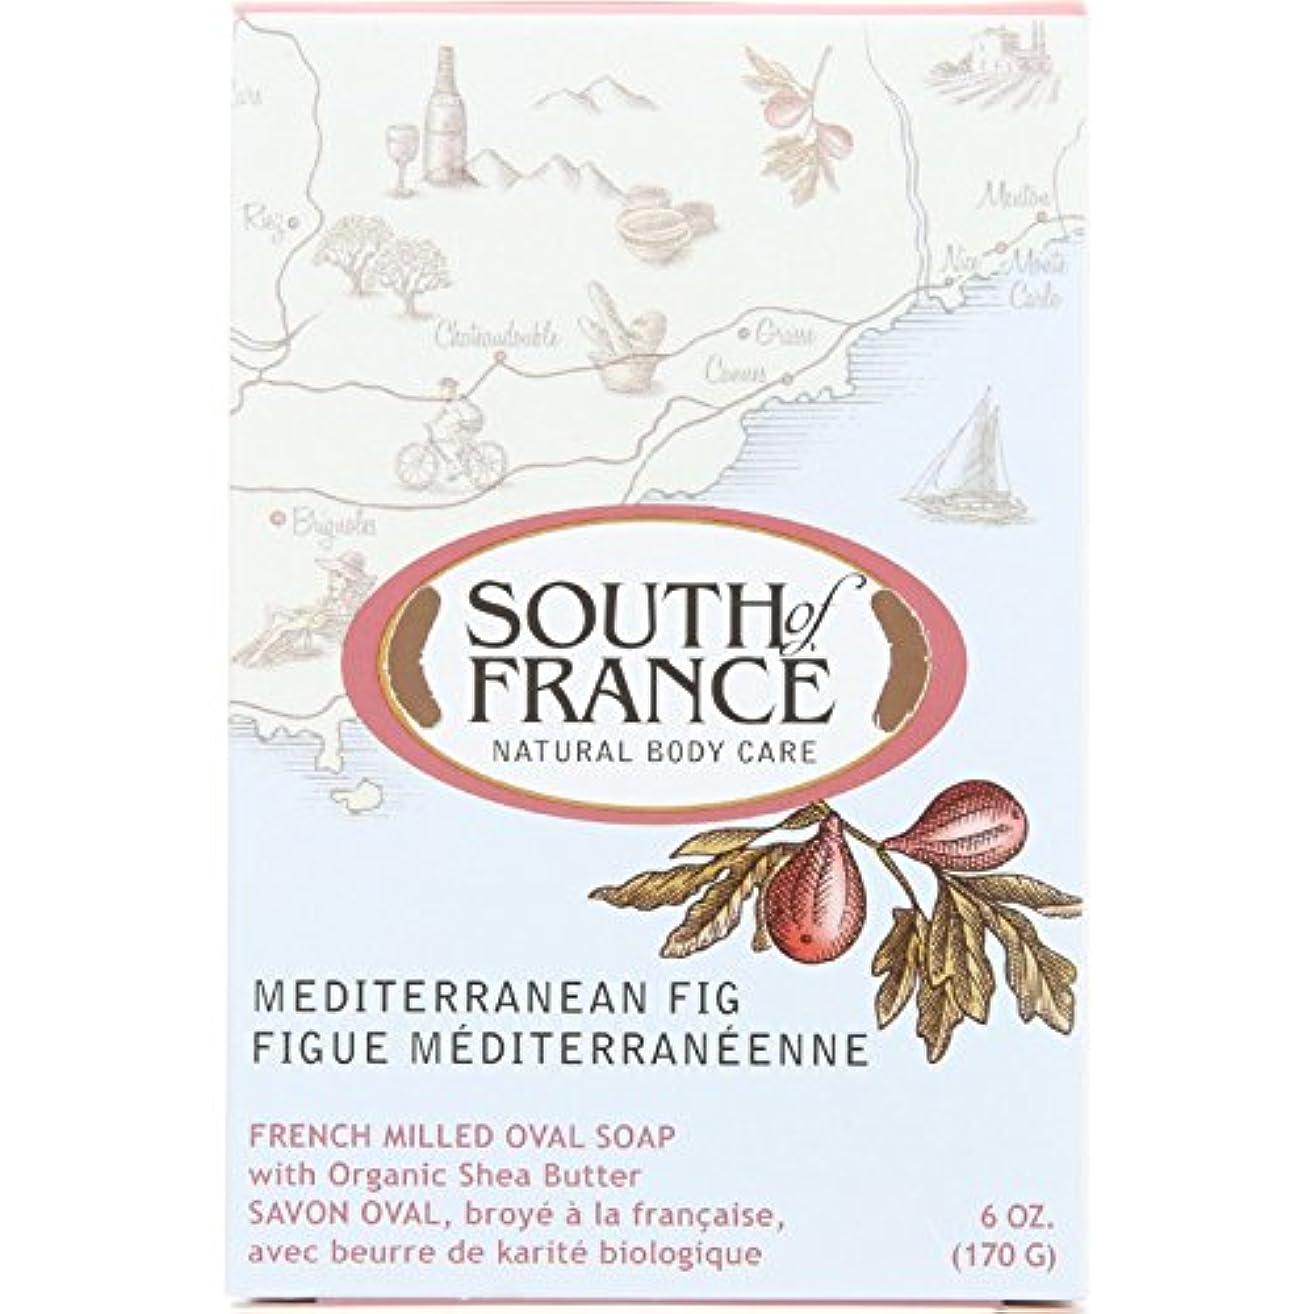 South of France - フランスの製粉された野菜棒石鹸の内陸のイチジク - 6ポンド